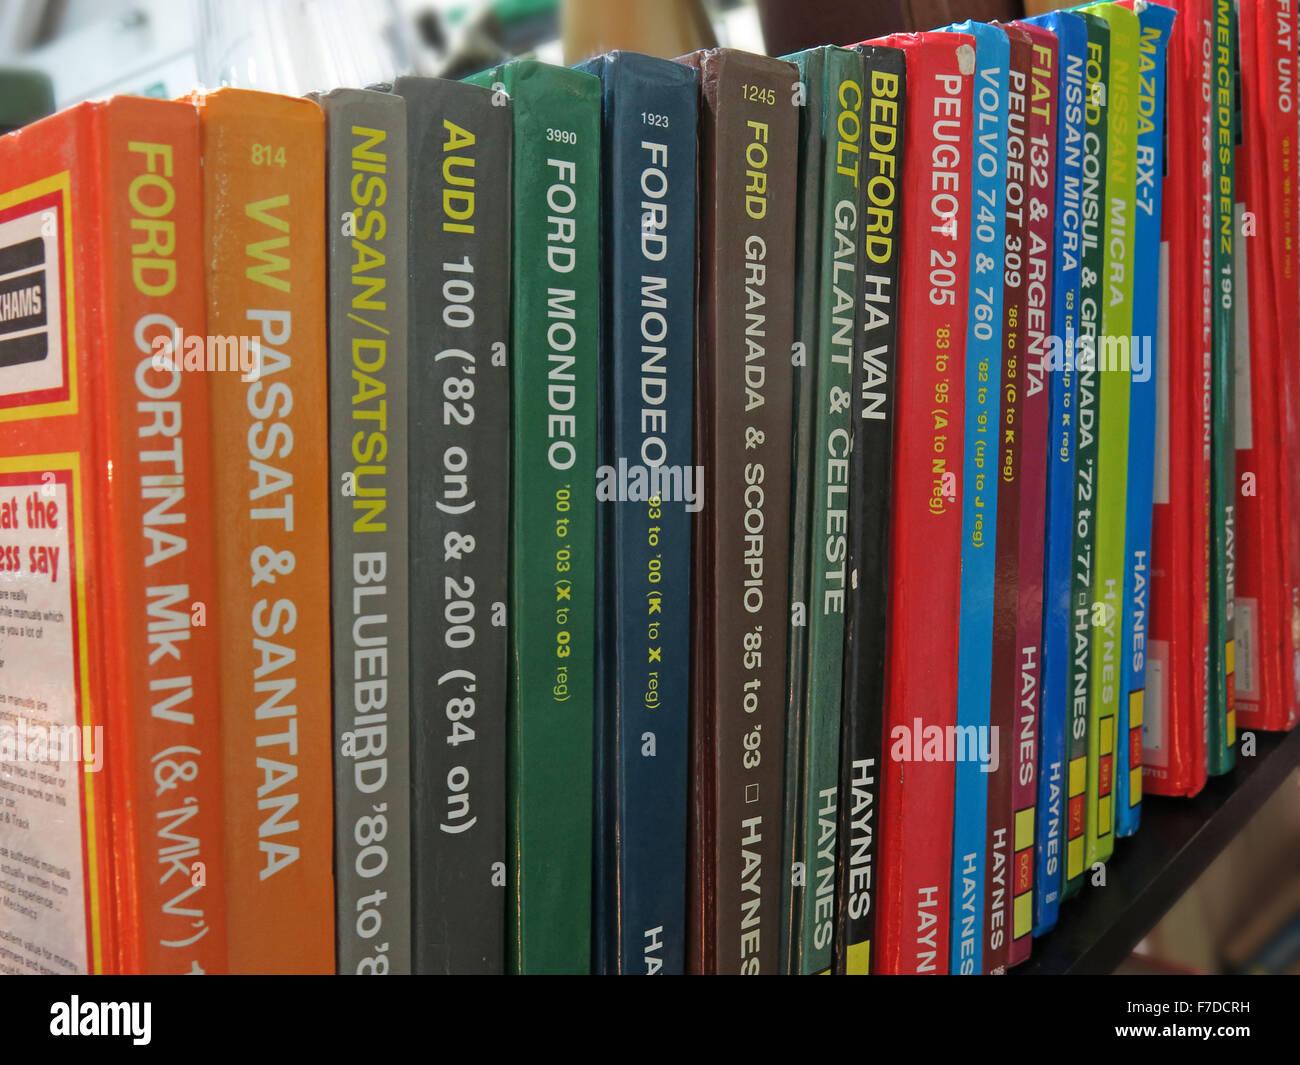 Laden Sie dieses Alamy Stockfoto Bücherregal von Haynes Auto Wartung Handbücher, England, UK - F7DCRH